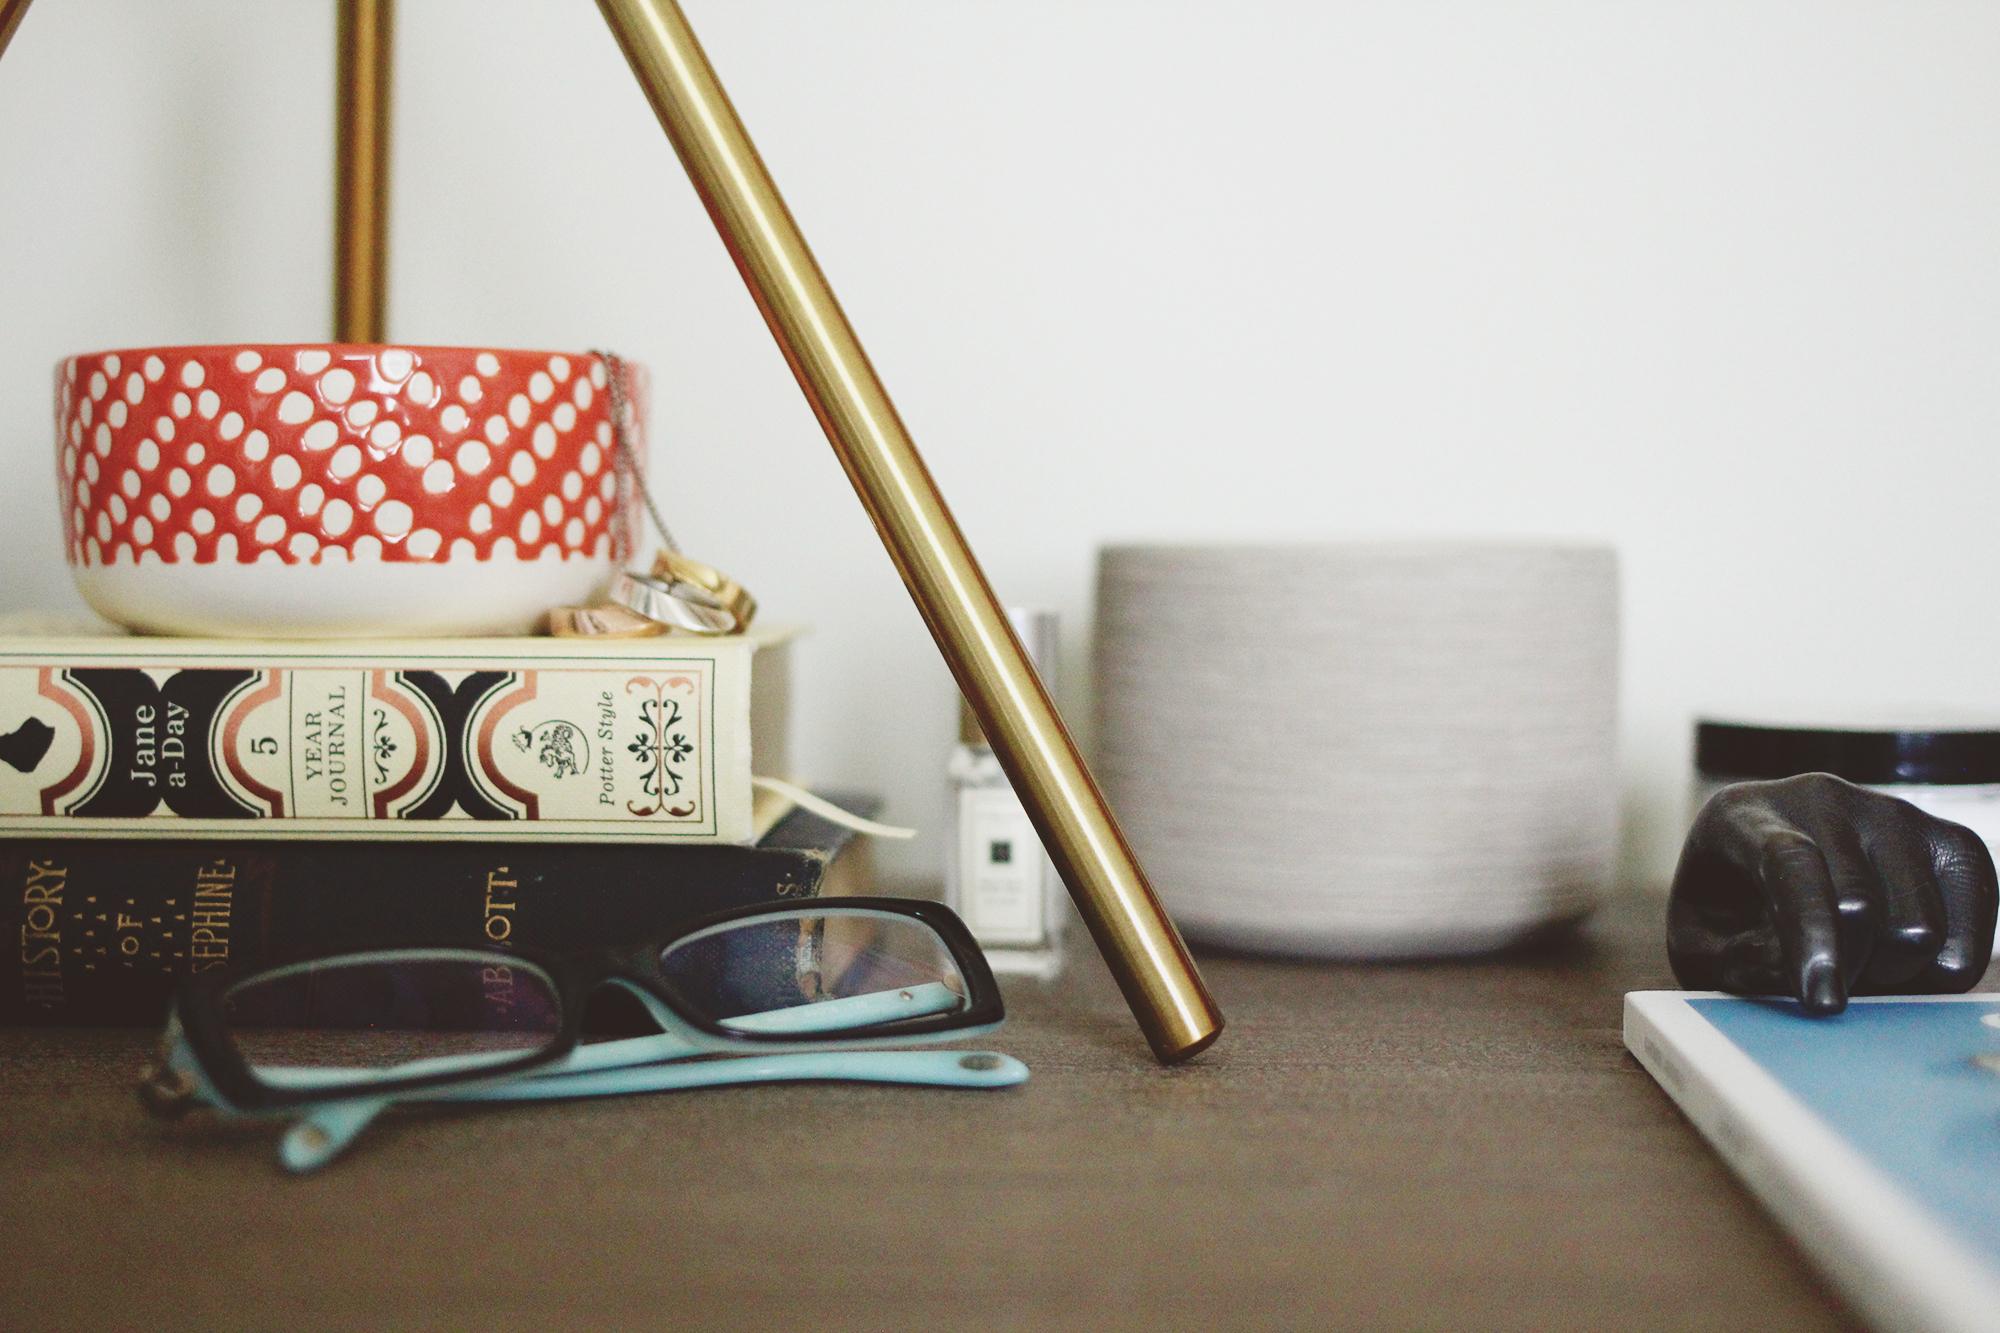 jo-torrijos-a-simpler-design-atlanta-interior-design-ajc-master-bedroom-styled-22.jpg